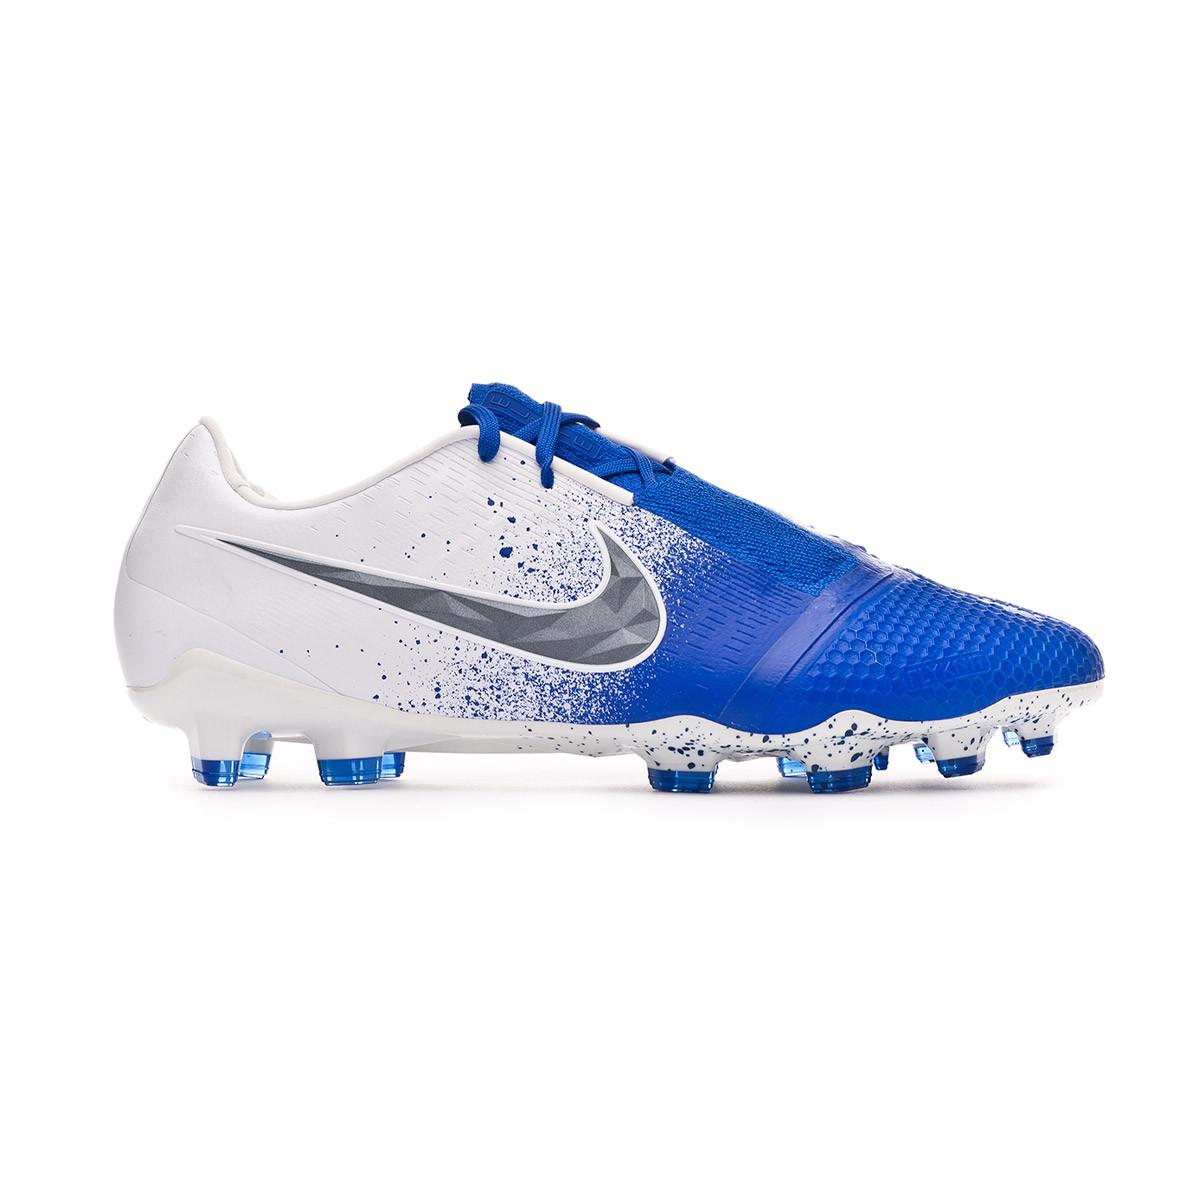 ff14ddd80 Football Boots Nike Phantom Venom Elite FG White-Black-Racer blue - Football  store Fútbol Emotion